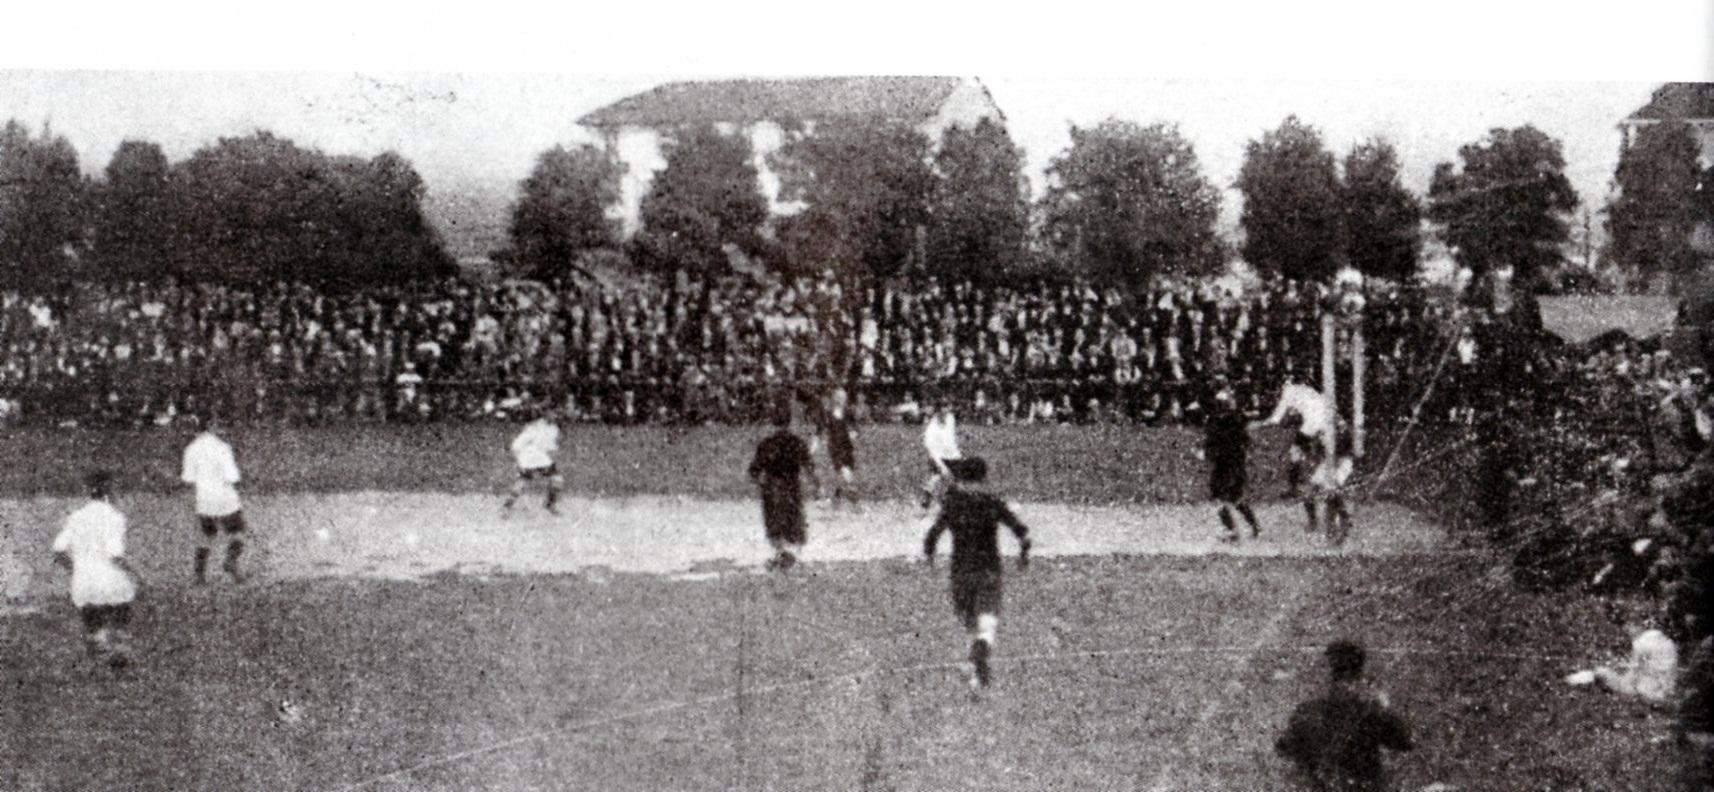 1921 - Un momento dell'accesa semifinale scudetto tra Pro Vercelli e Alessandria